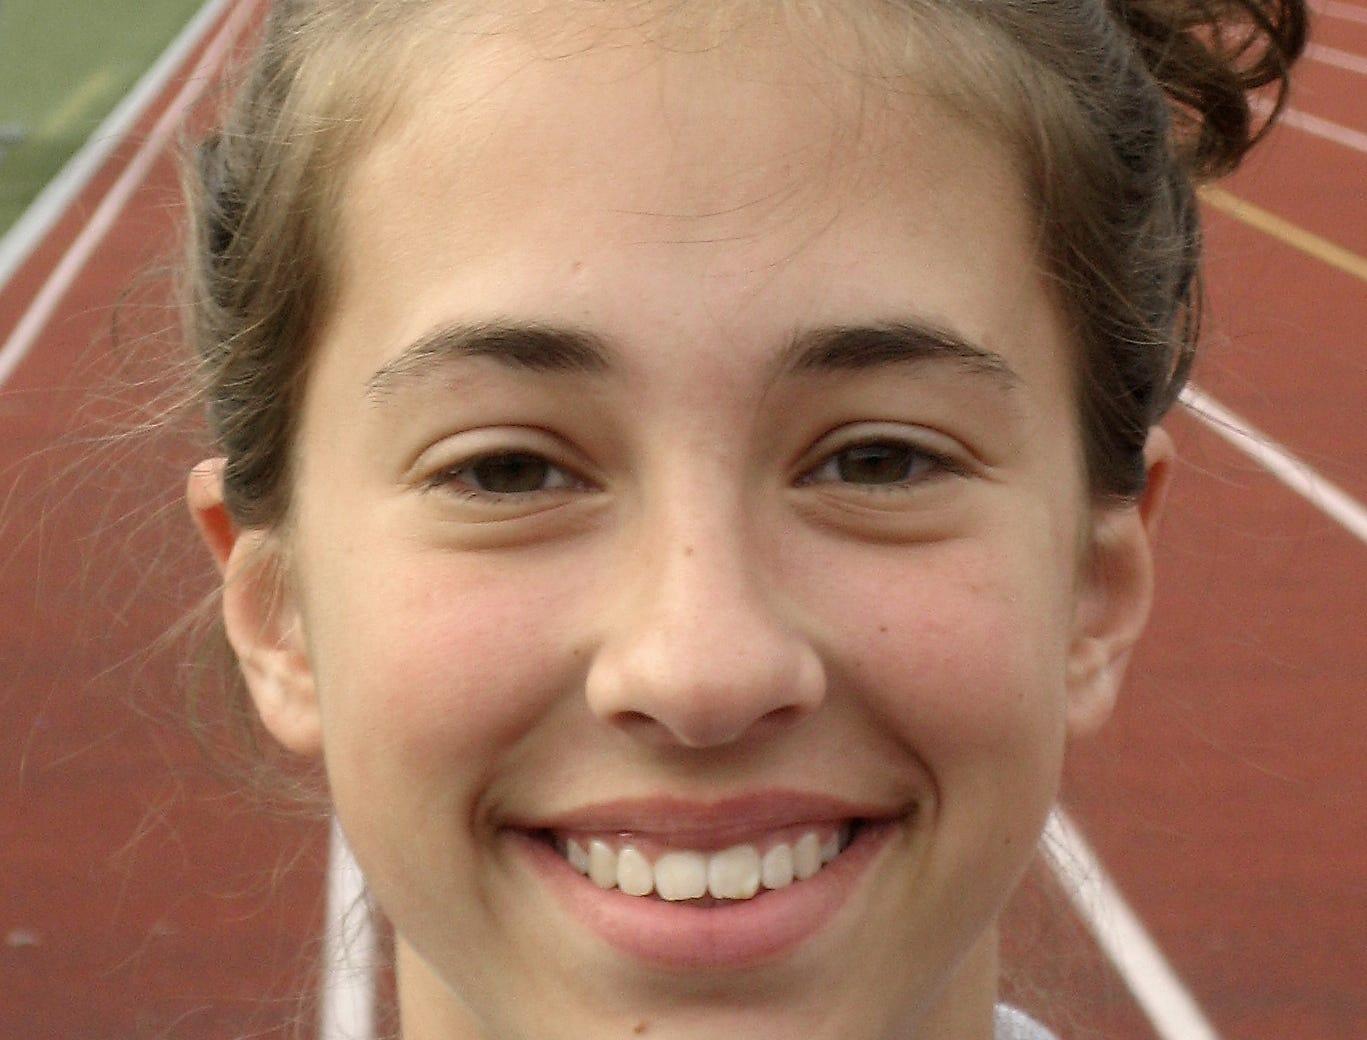 2008: Binghamton High School girls lacrosse - Callie Hayes